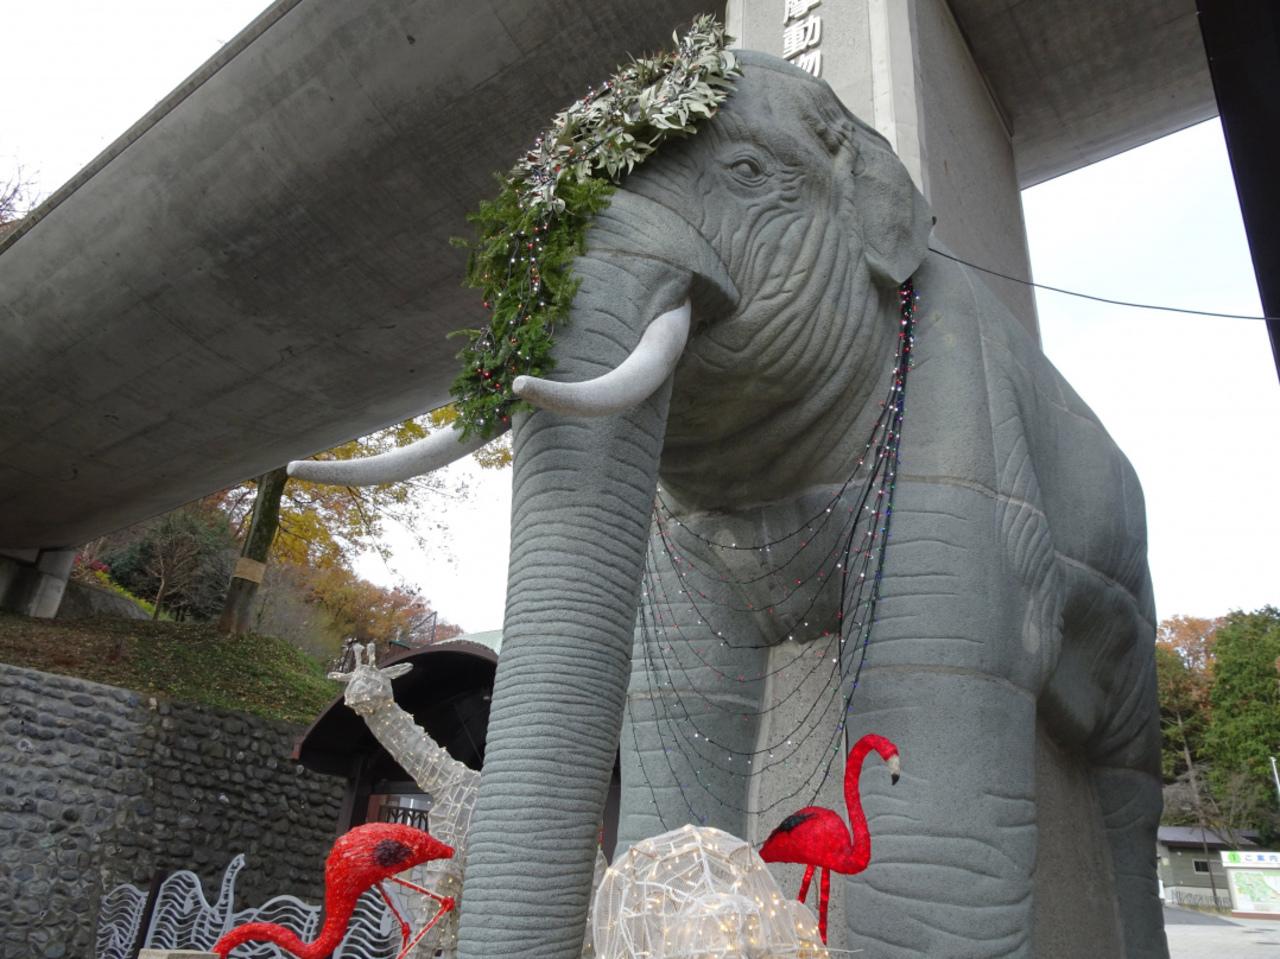 上野動物園等と並び日本有数の動物園...東京都日野市程久保の「多摩動物公園」